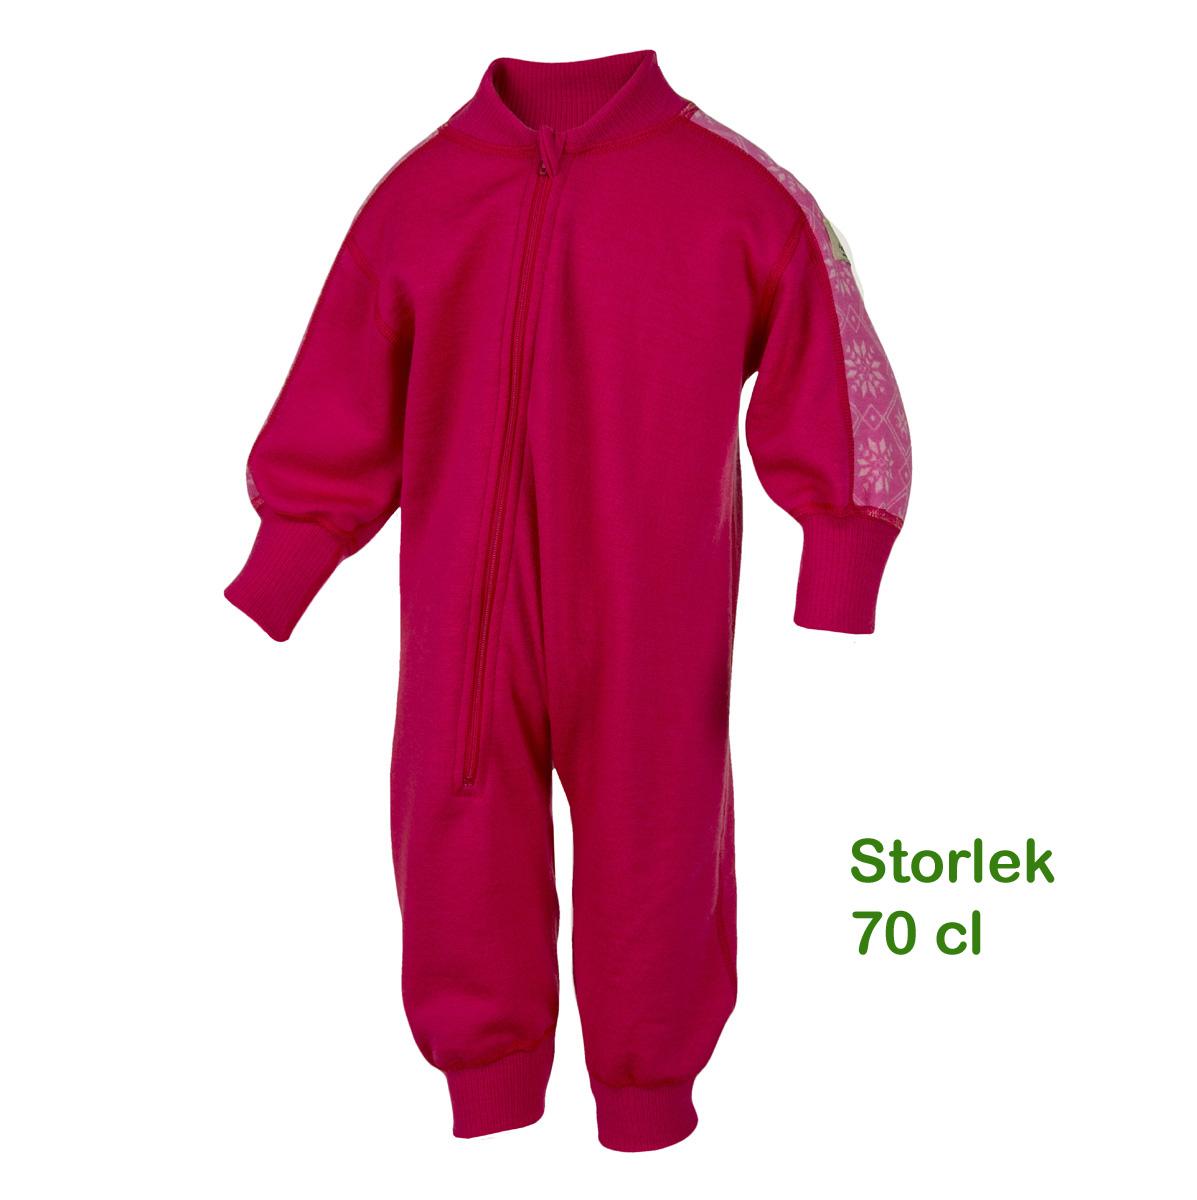 Janus barn jumpsuit overall 100% merinoull hallonröd